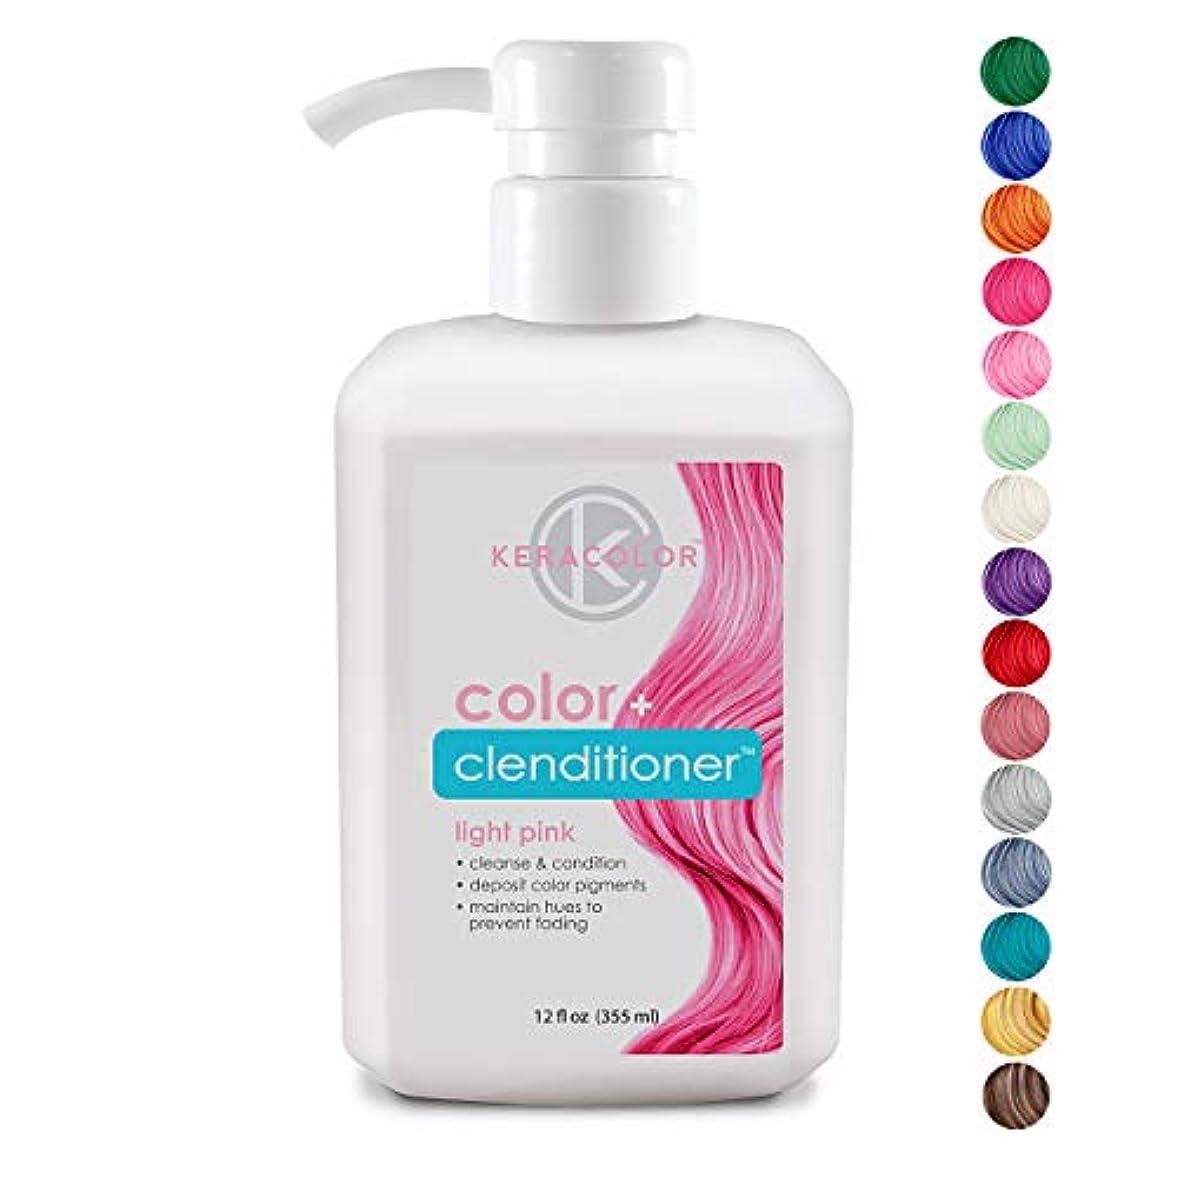 KERACOLOR Keracolor Clenditioner色の堆積コンディショナーColorwash、12 FL。オンス 12オンス ライトピンク